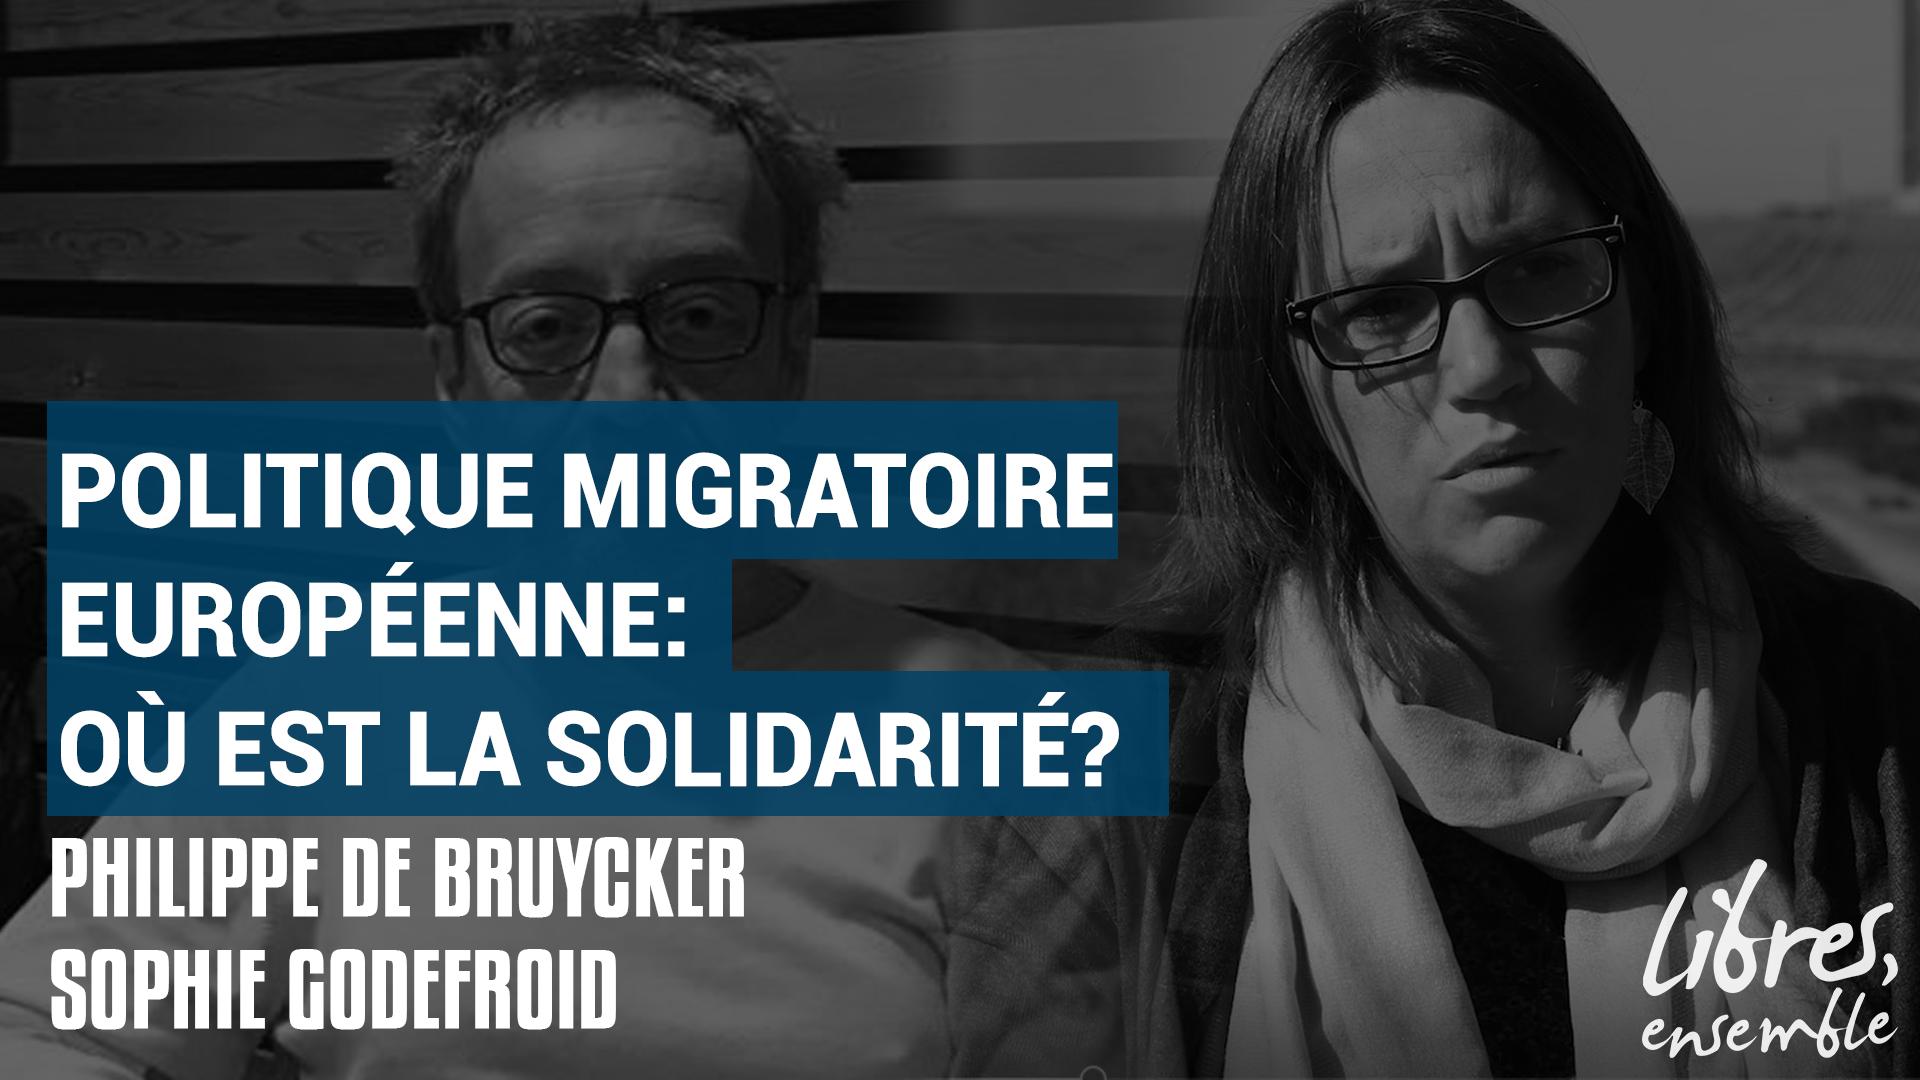 Politique migratoire européenne: où est la solidarité?